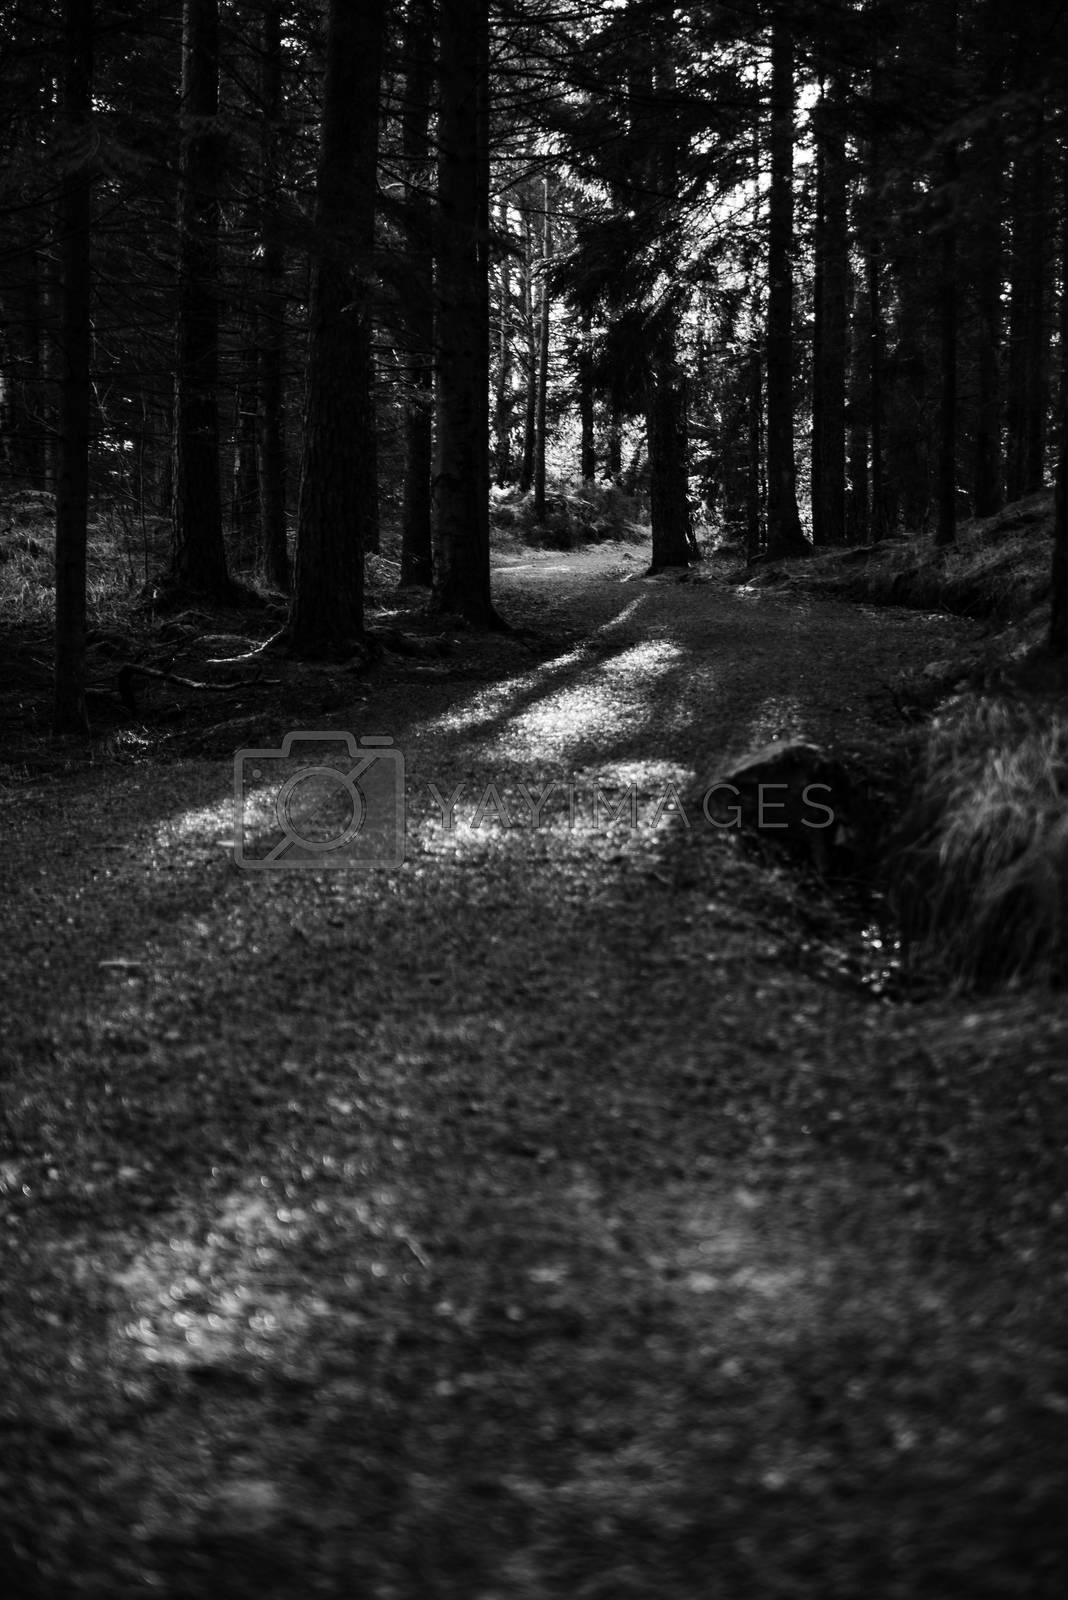 En skogssti svinger seg frem mot lyset.